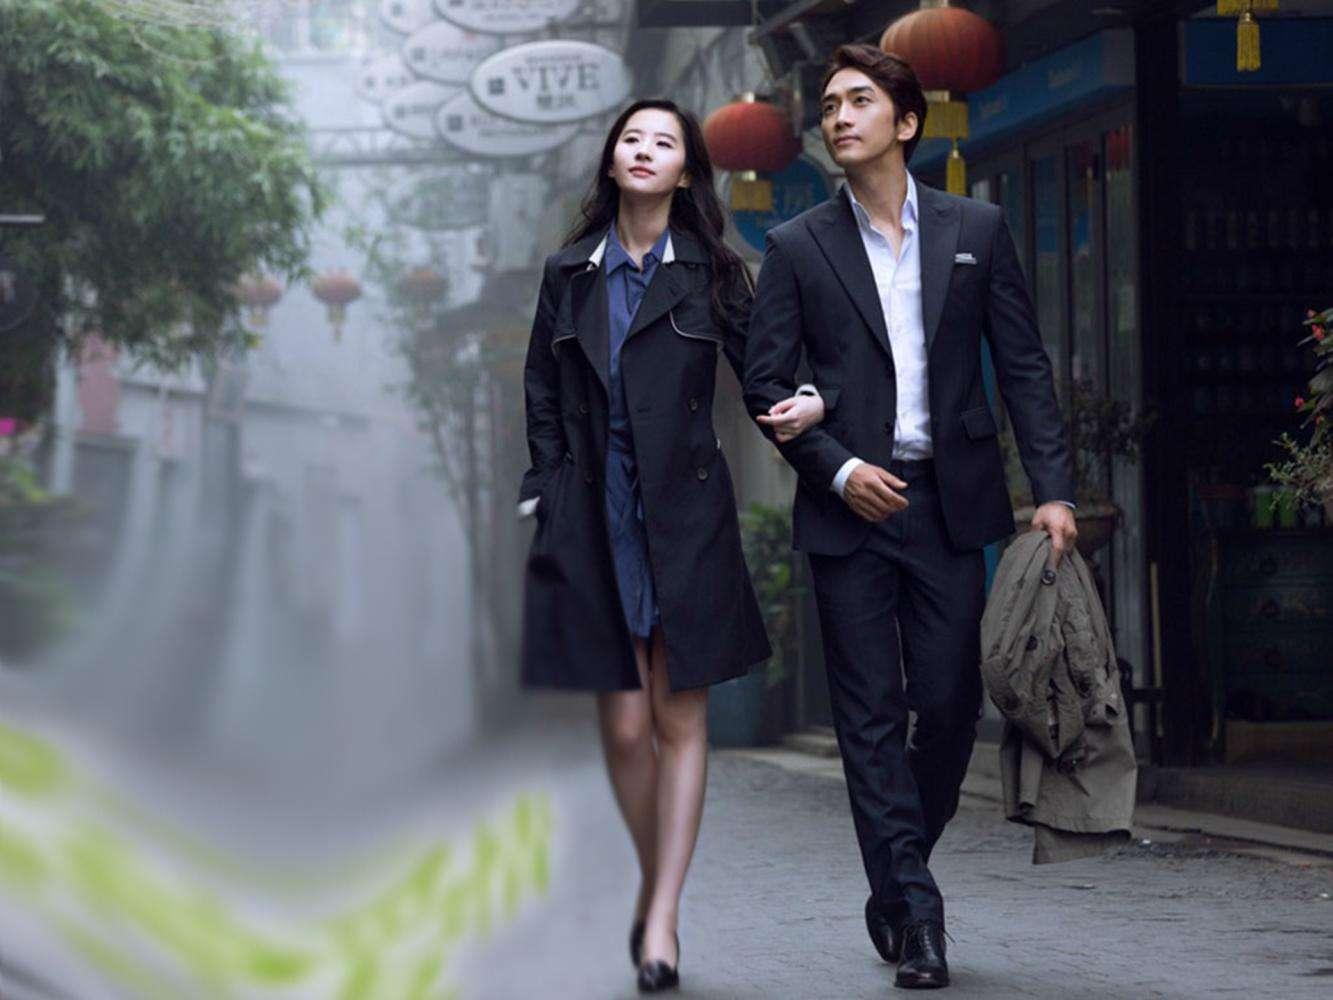 Ngưỡng mộ 2 năm yêu đương đầy mật ngọt, ai ngờ Lưu Diệc Phi và Song Seung Hun chia tay bất ngờ đến thế!-1